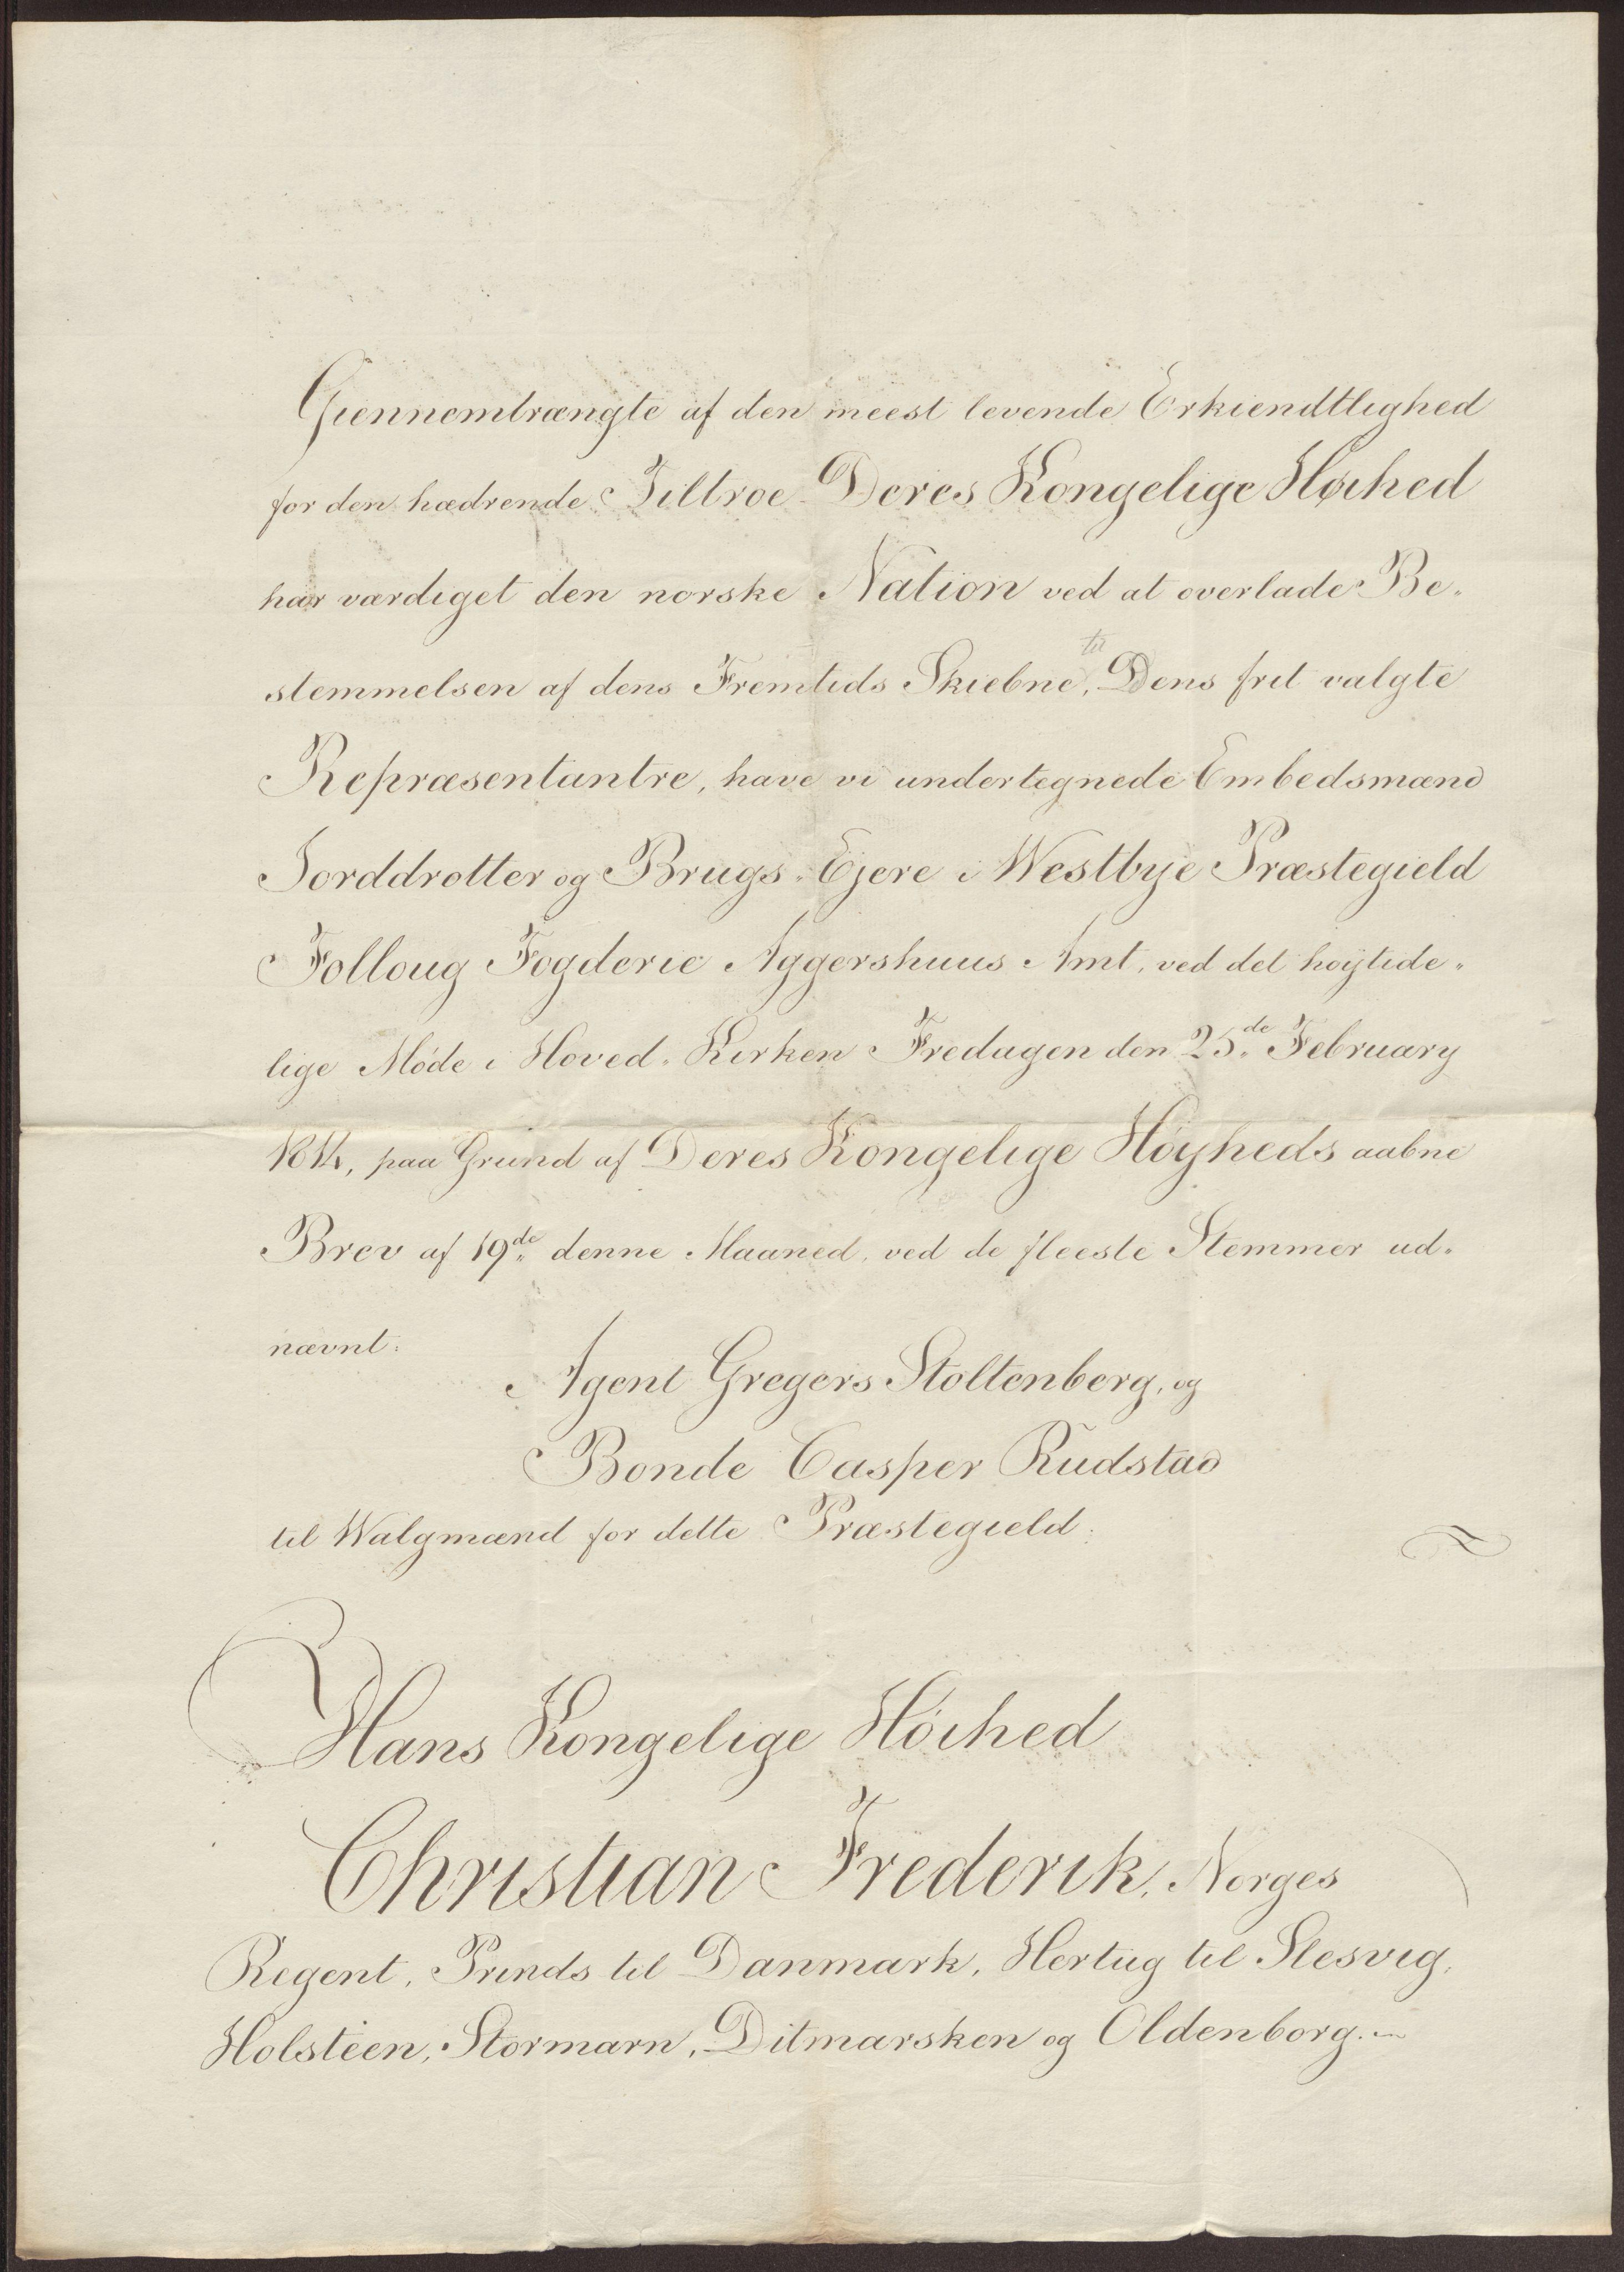 RA, Statsrådssekretariatet, D/Db/L0007: Fullmakter for Eidsvollsrepresentantene i 1814. , 1814, s. 210